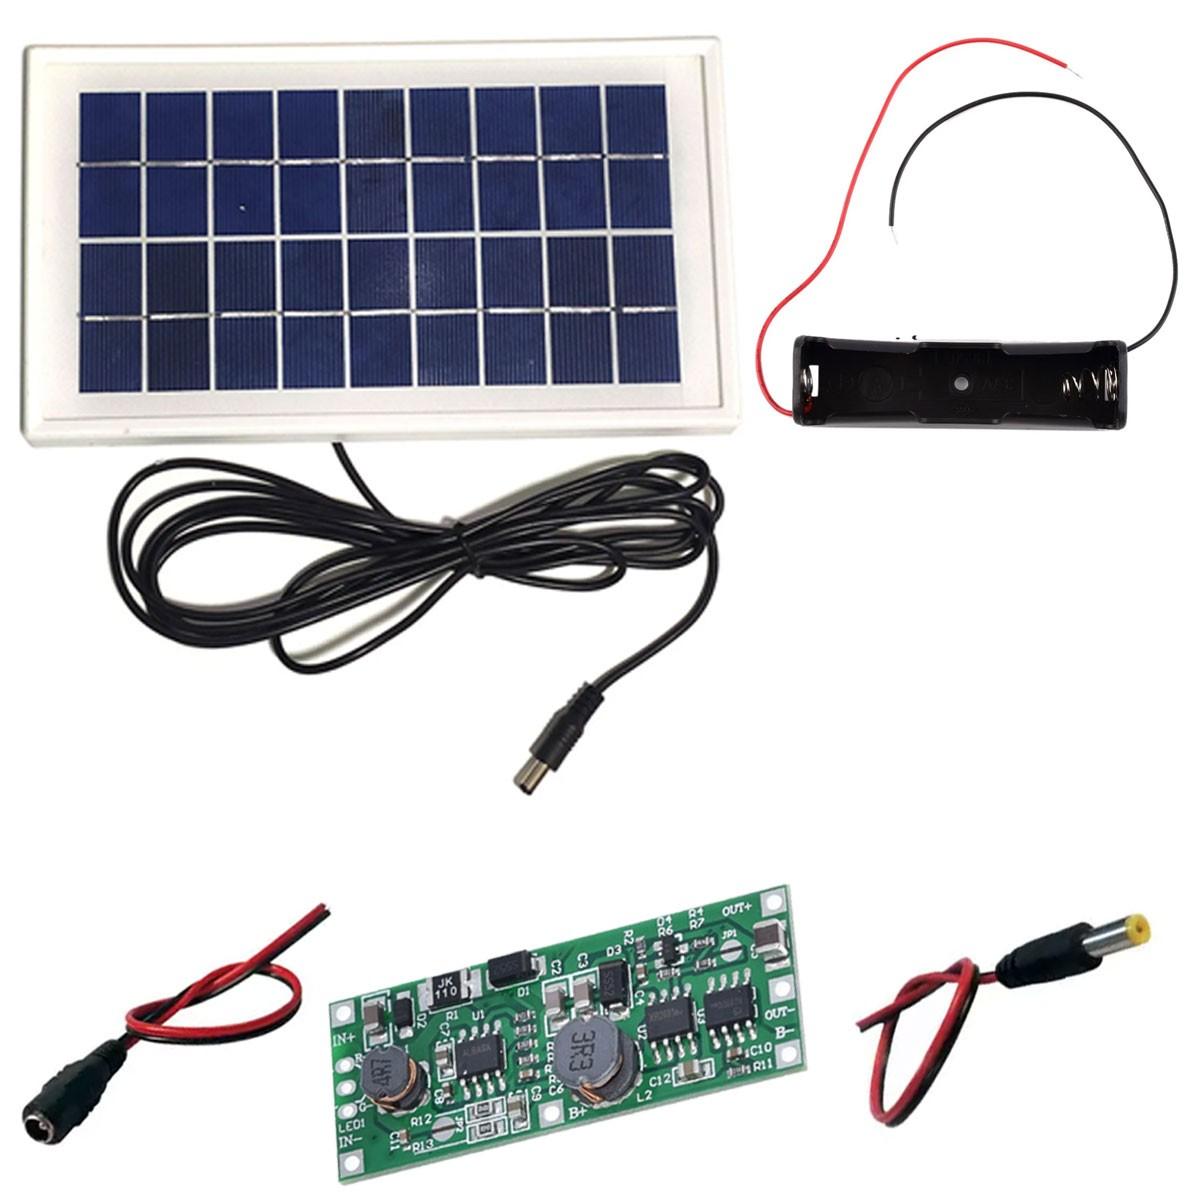 Kit  DIY UPS Carregador Solar de Bateria de Lítio 18650 - Saída 9v